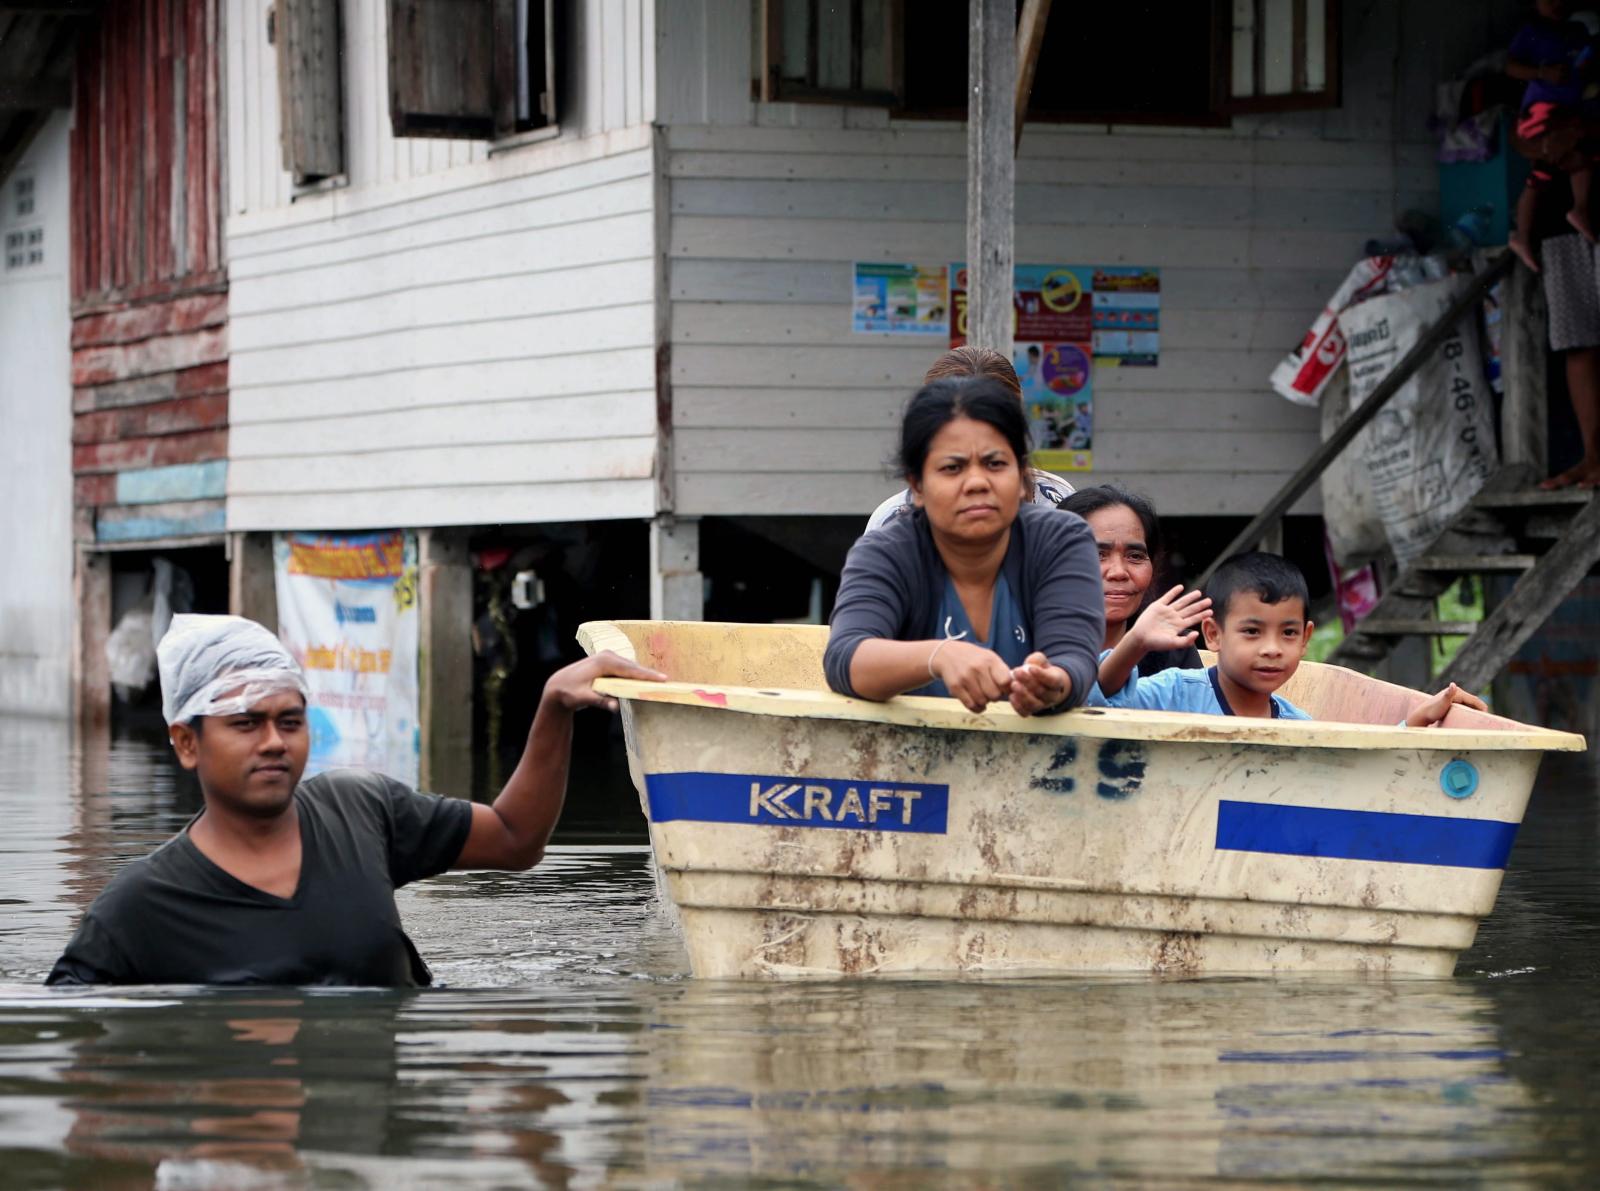 Powodzie w Tajlandii. EPA/STR THAILAND OUT